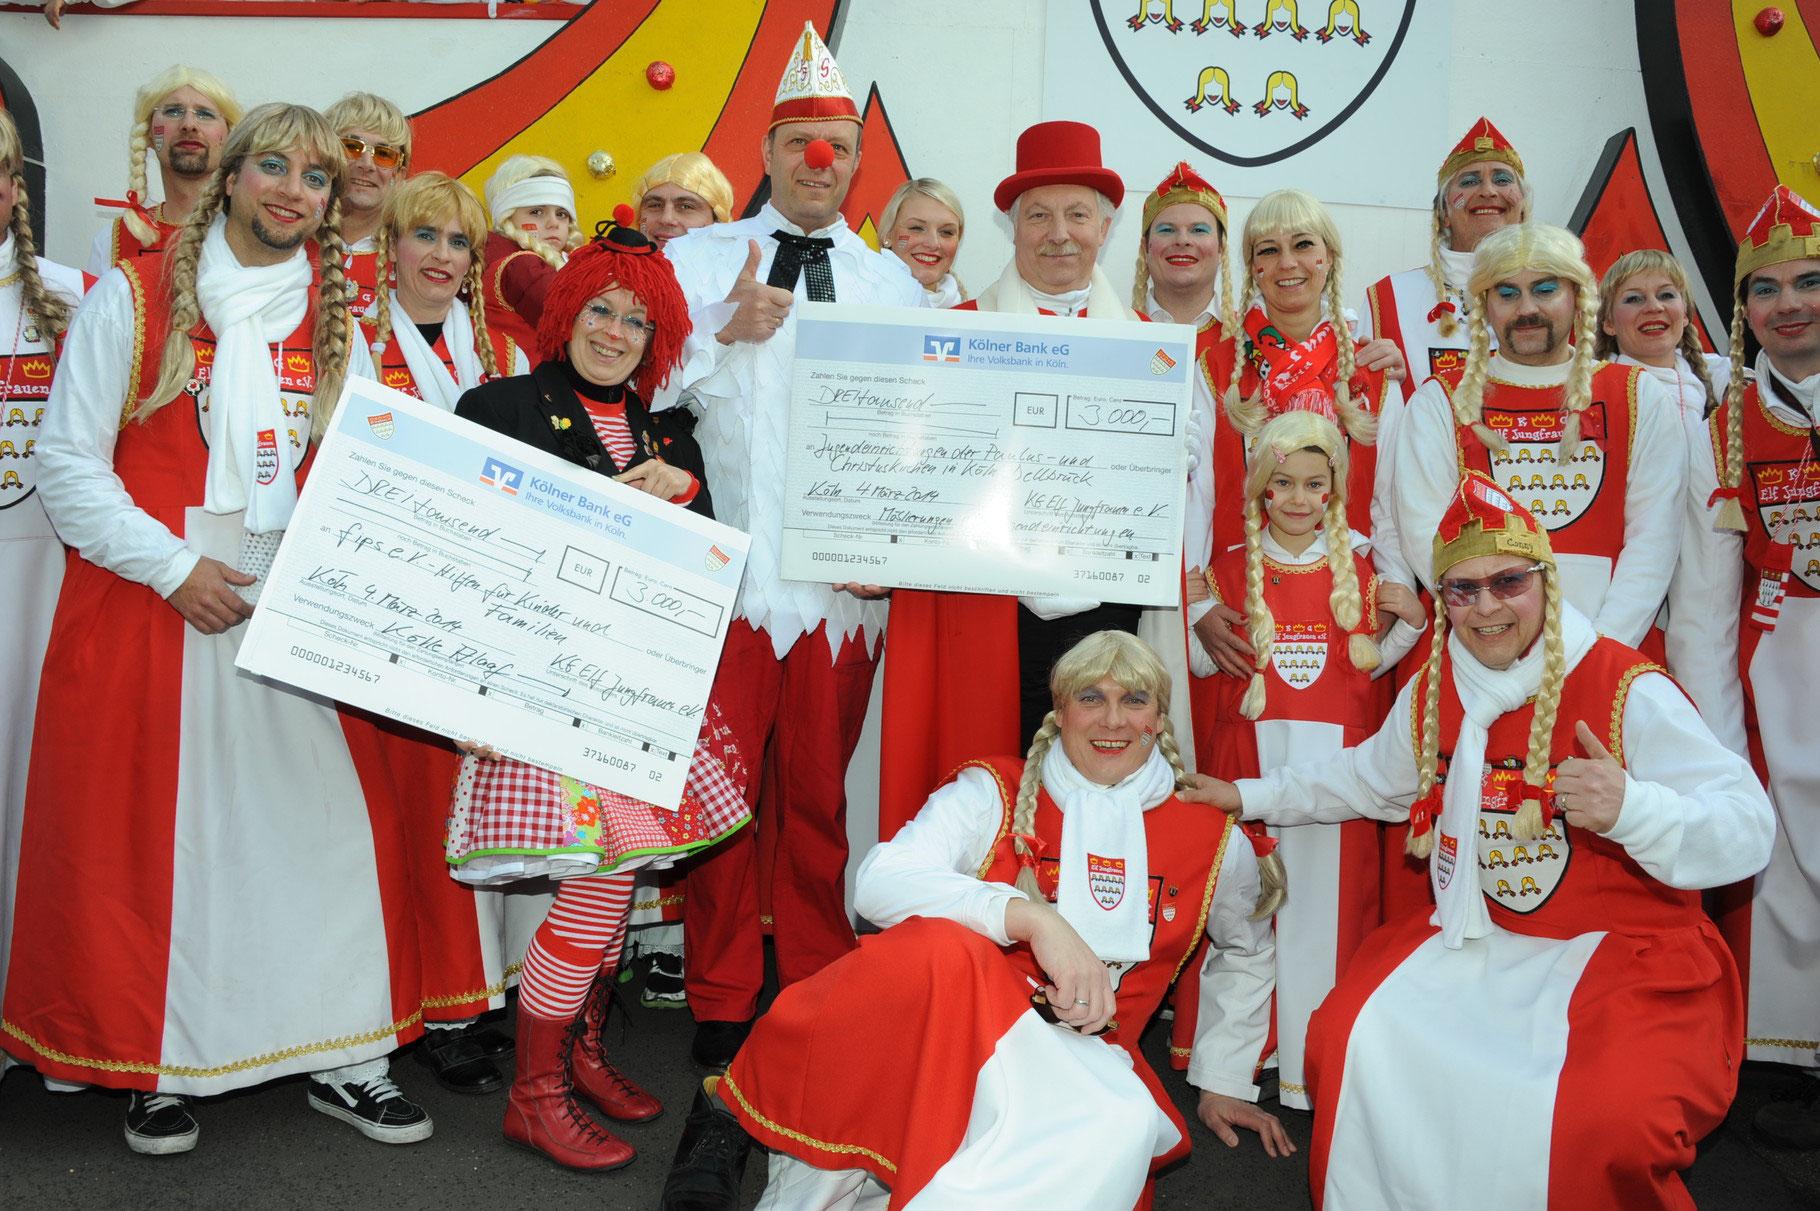 Karnevalsdienstag Köln